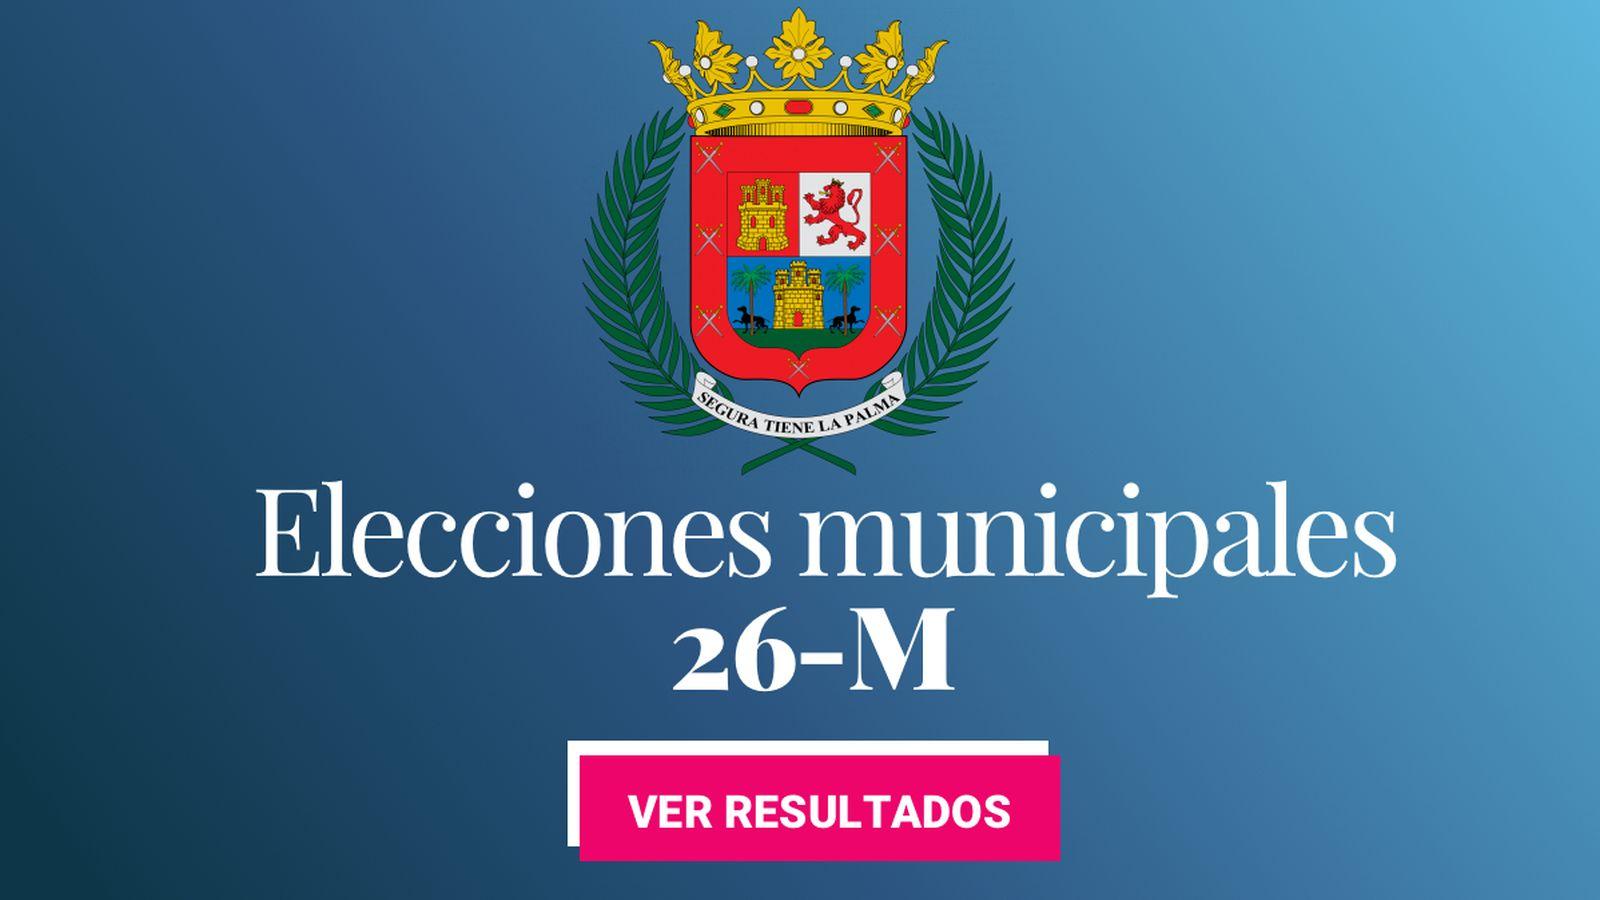 Foto: Elecciones municipales 2019 en Las Palmas de Gran Canaria. (C.C./EC)